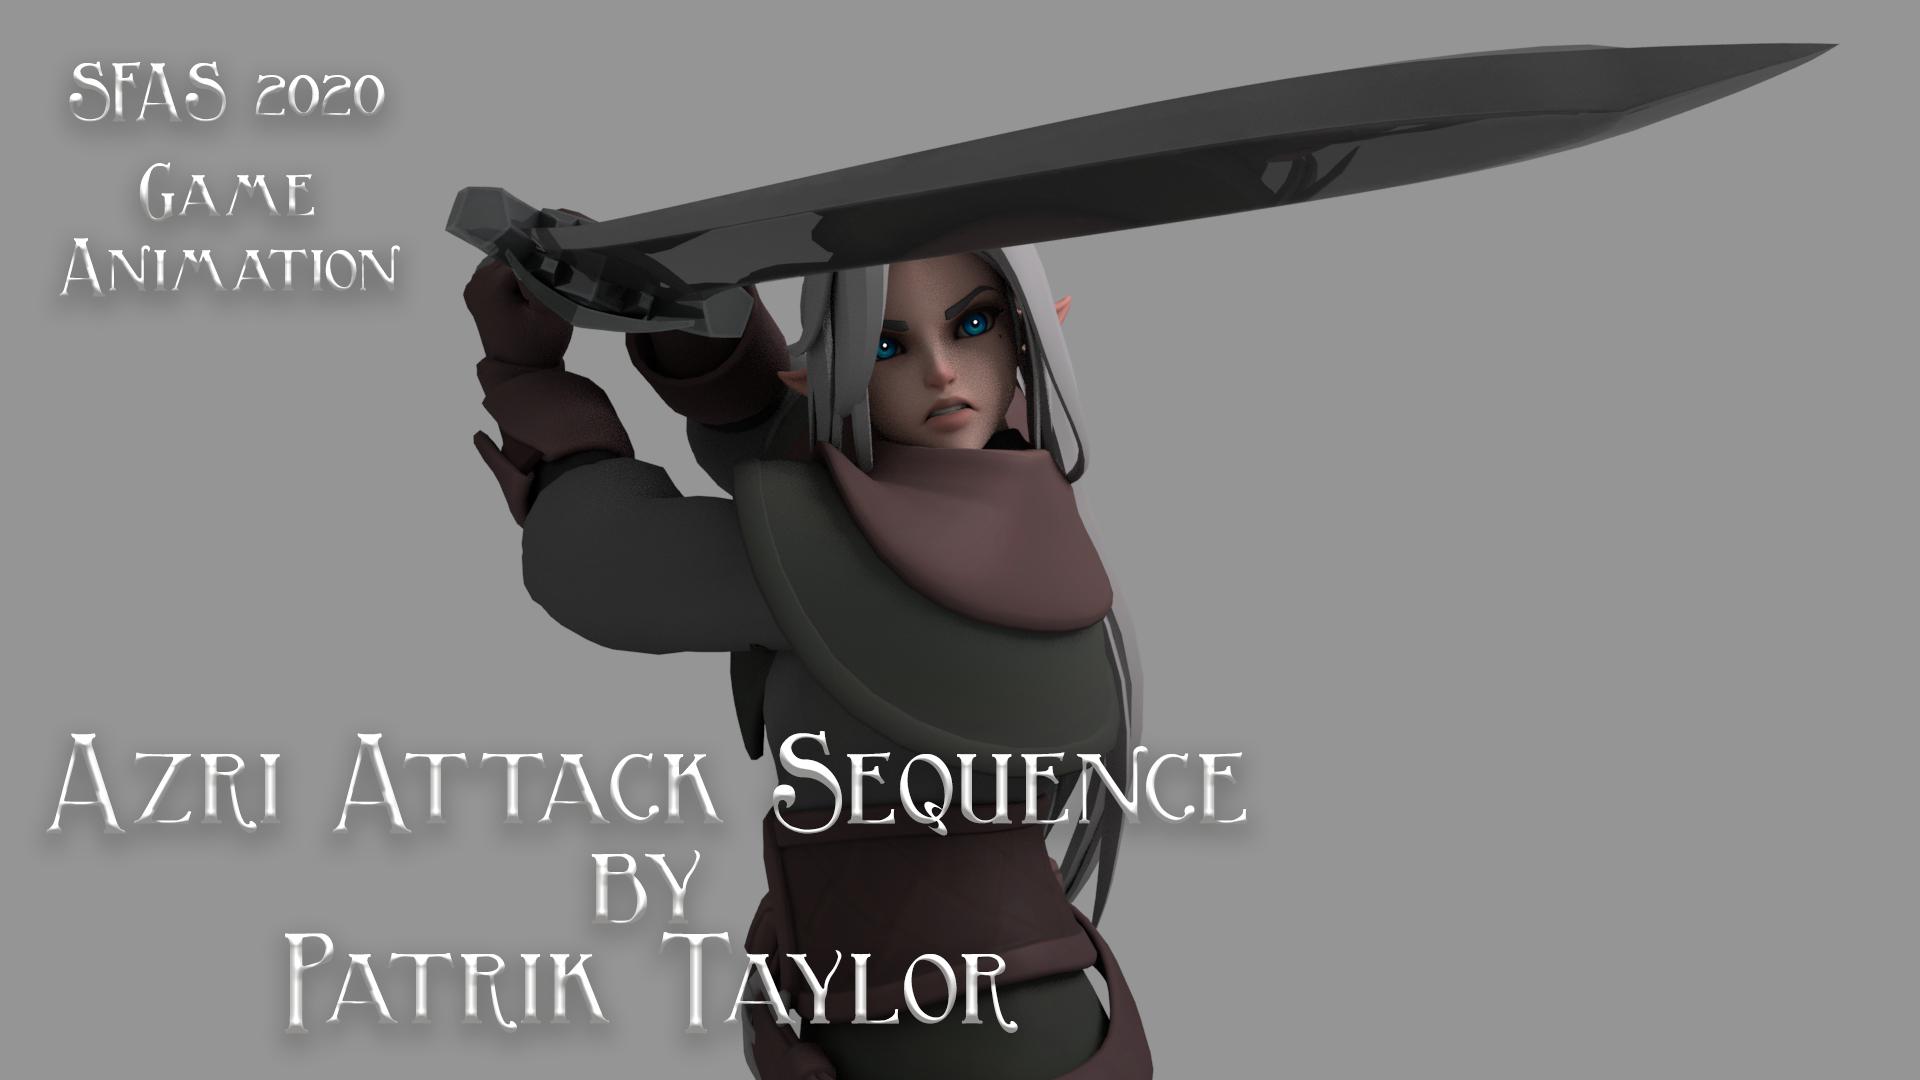 Azri Attack Sequence